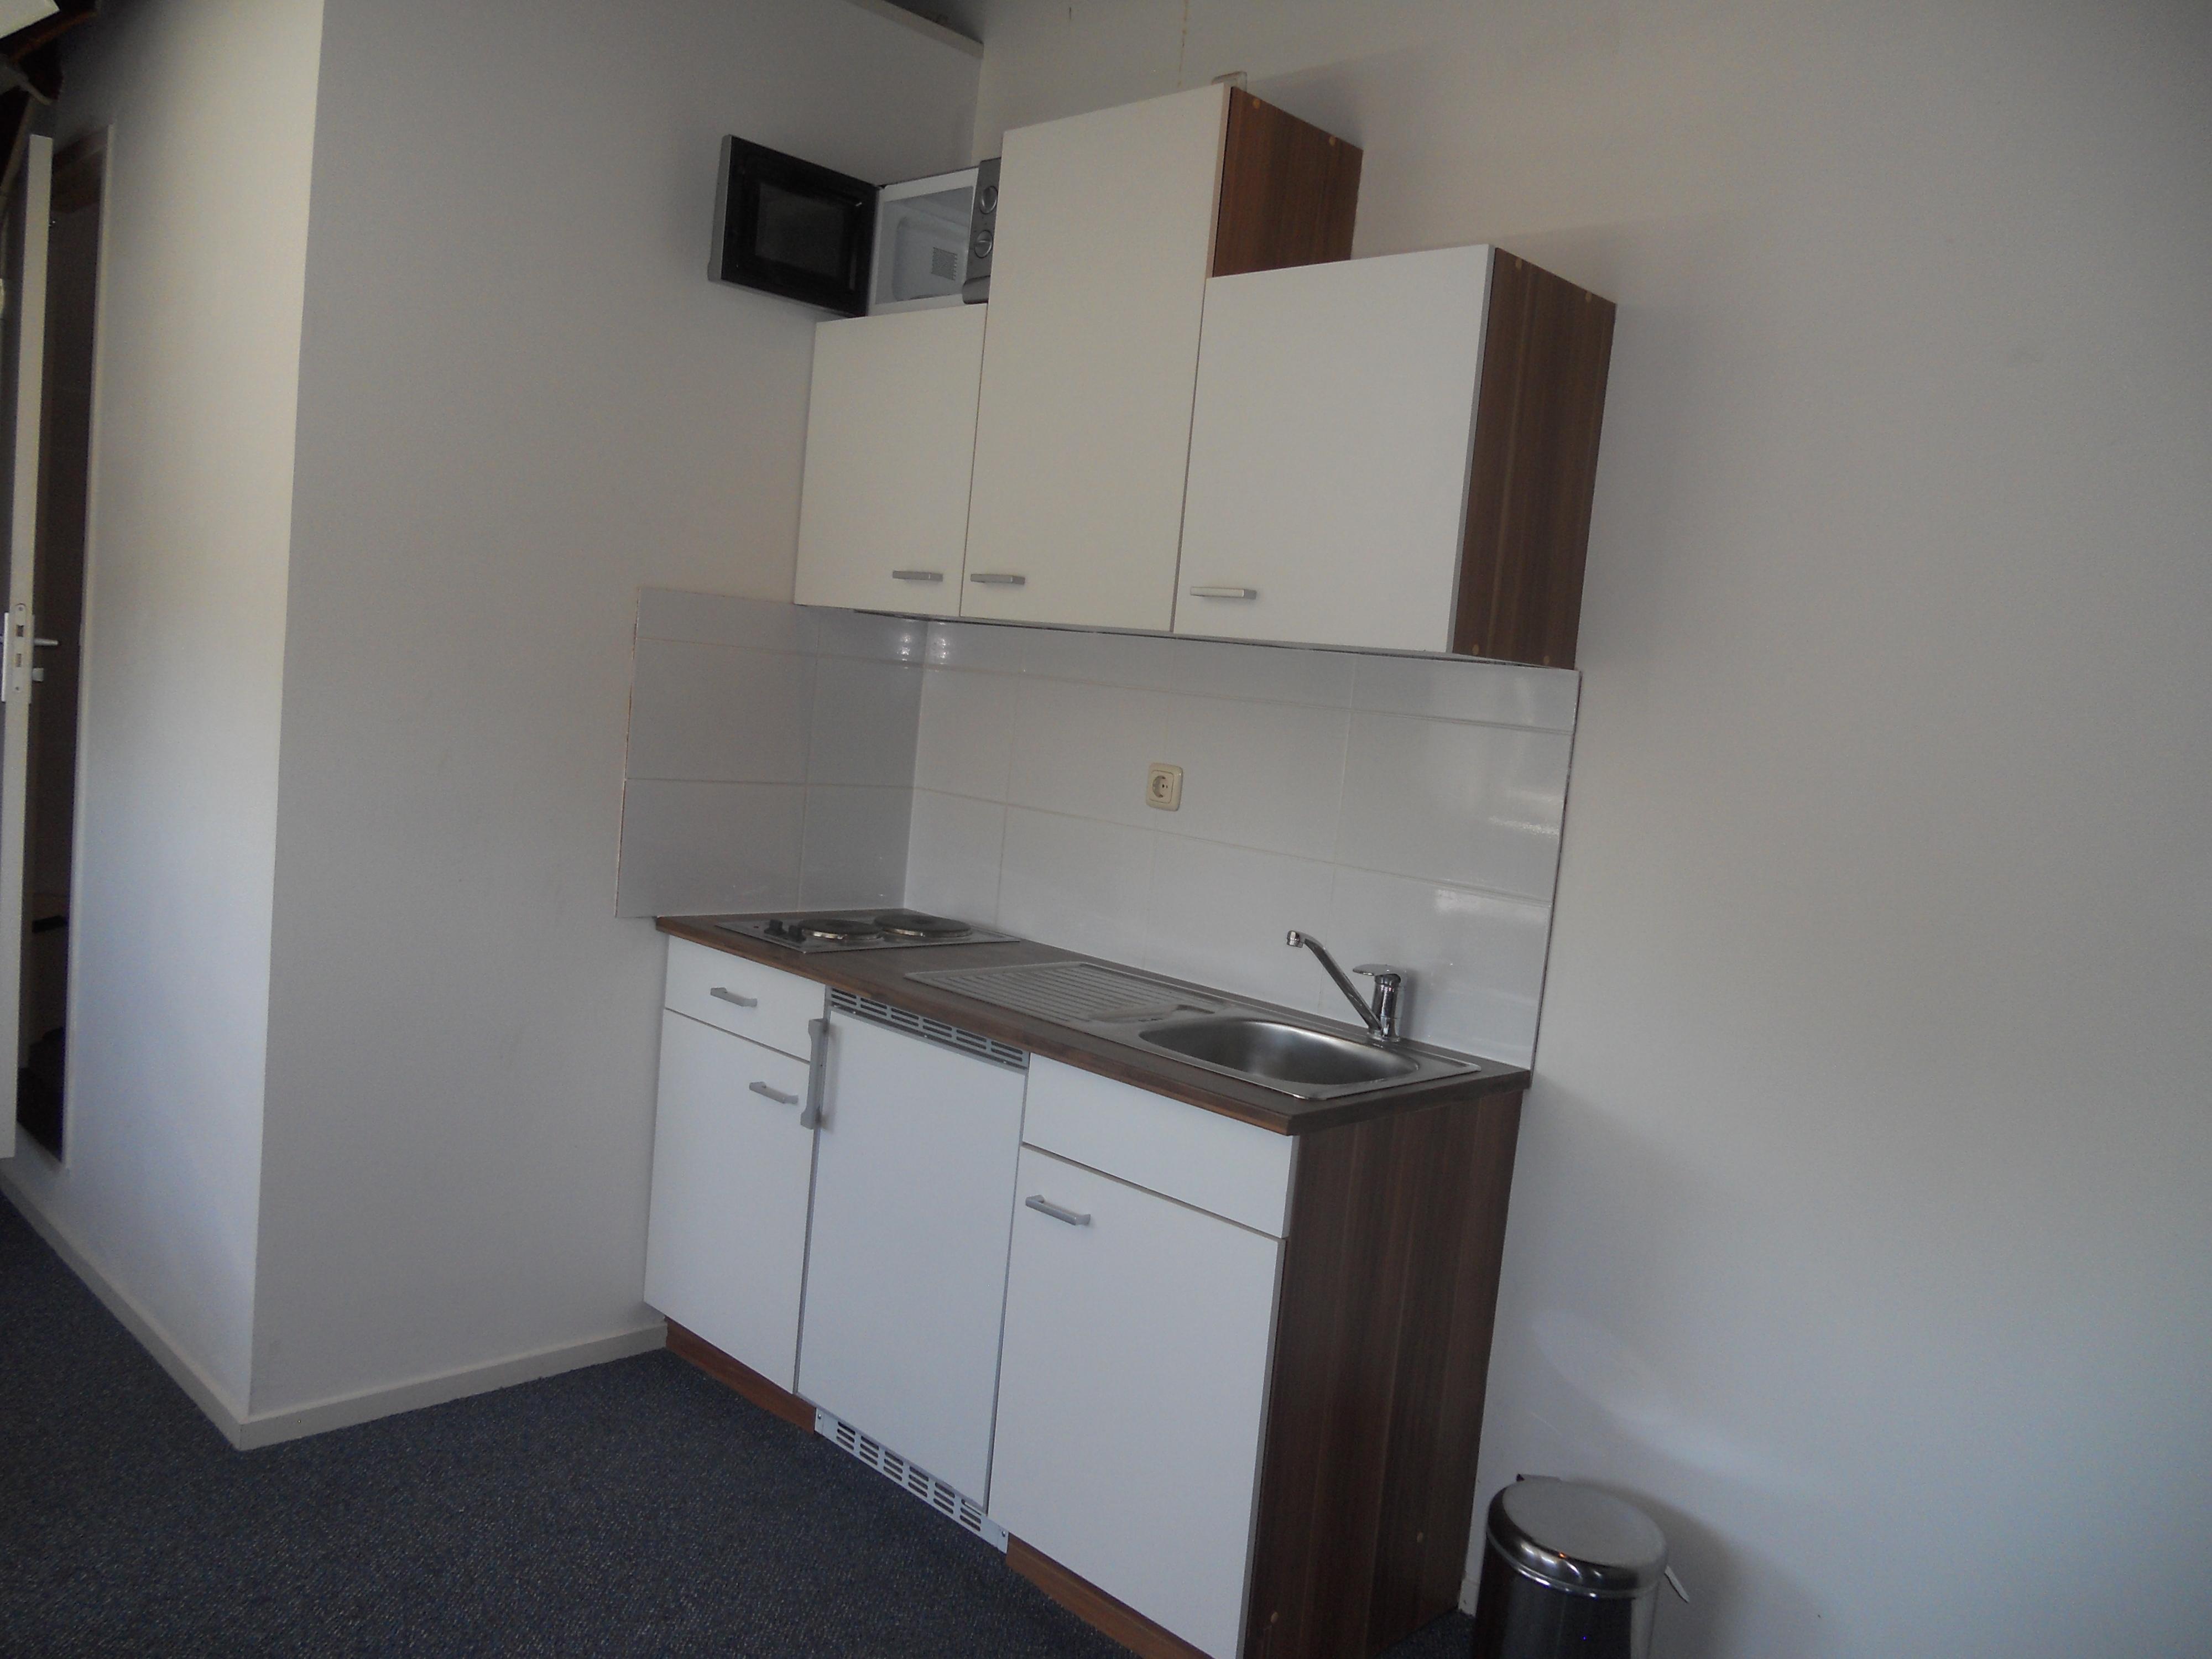 Te huur 3001 7 gemeubileerde studio in het centrumgebied van enschede twents vast enschede - Center meubilair keuken ...